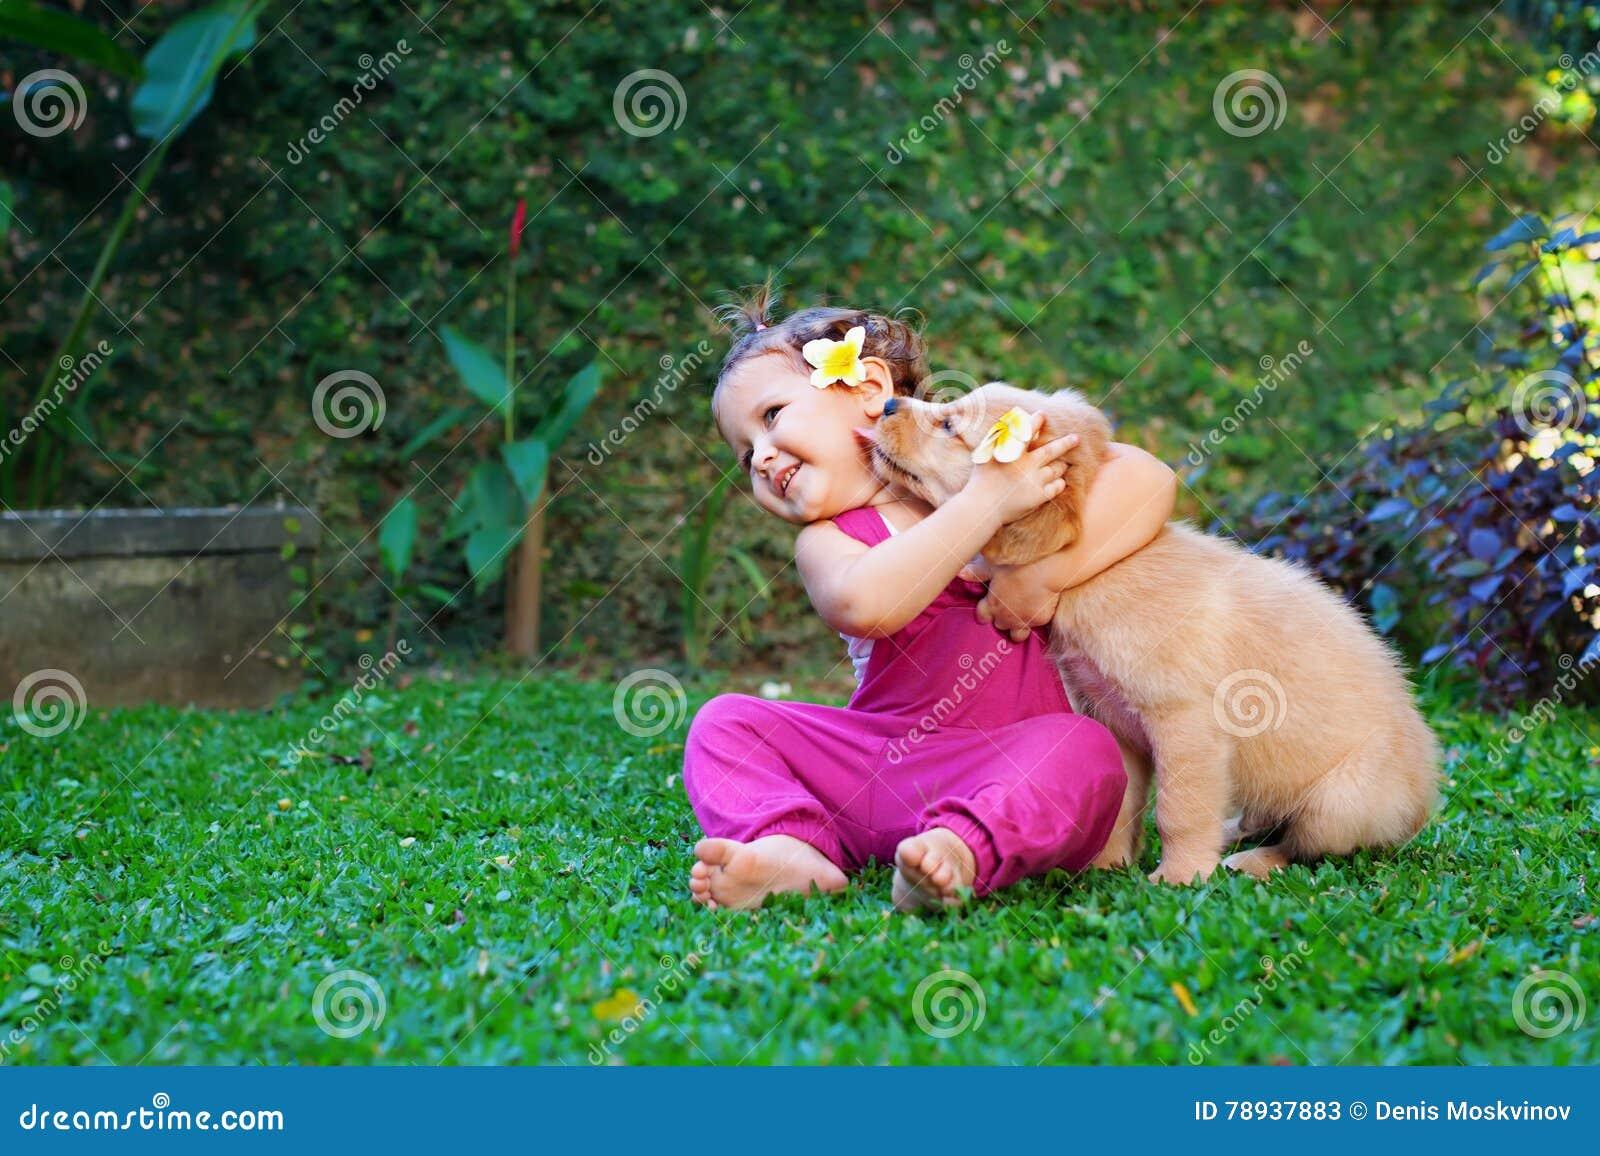 Lycklig barnlek och kramfamiljhusdjur - labrador valp